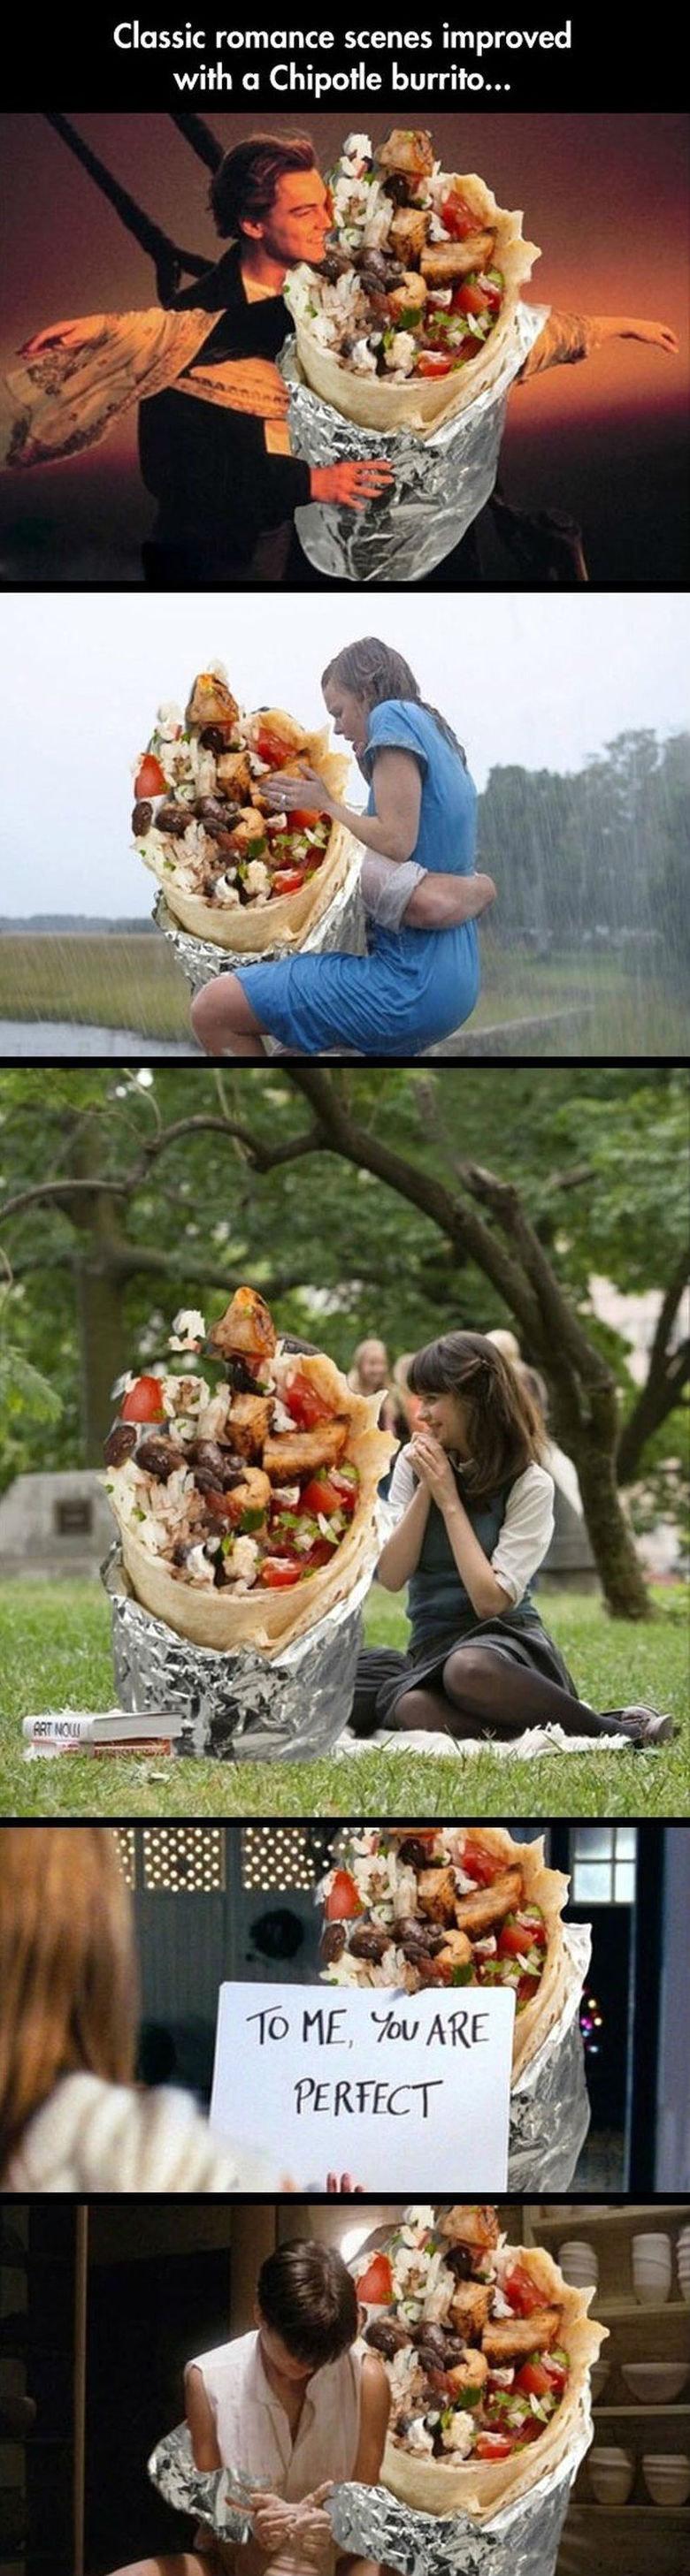 Burrito is life. . Classic romance scenes improved with a Chipotle burrito...